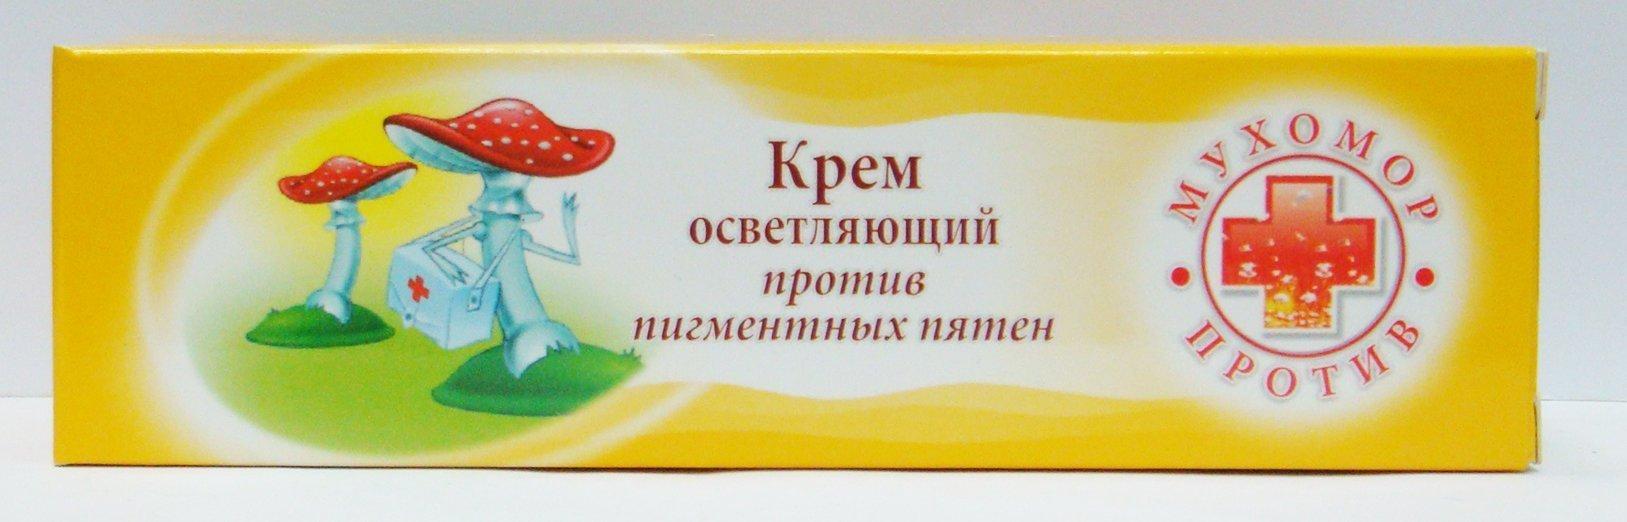 otbelivayushhij-krem-dlya-lica-ot-pigmentnyx-pyaten_ (6)